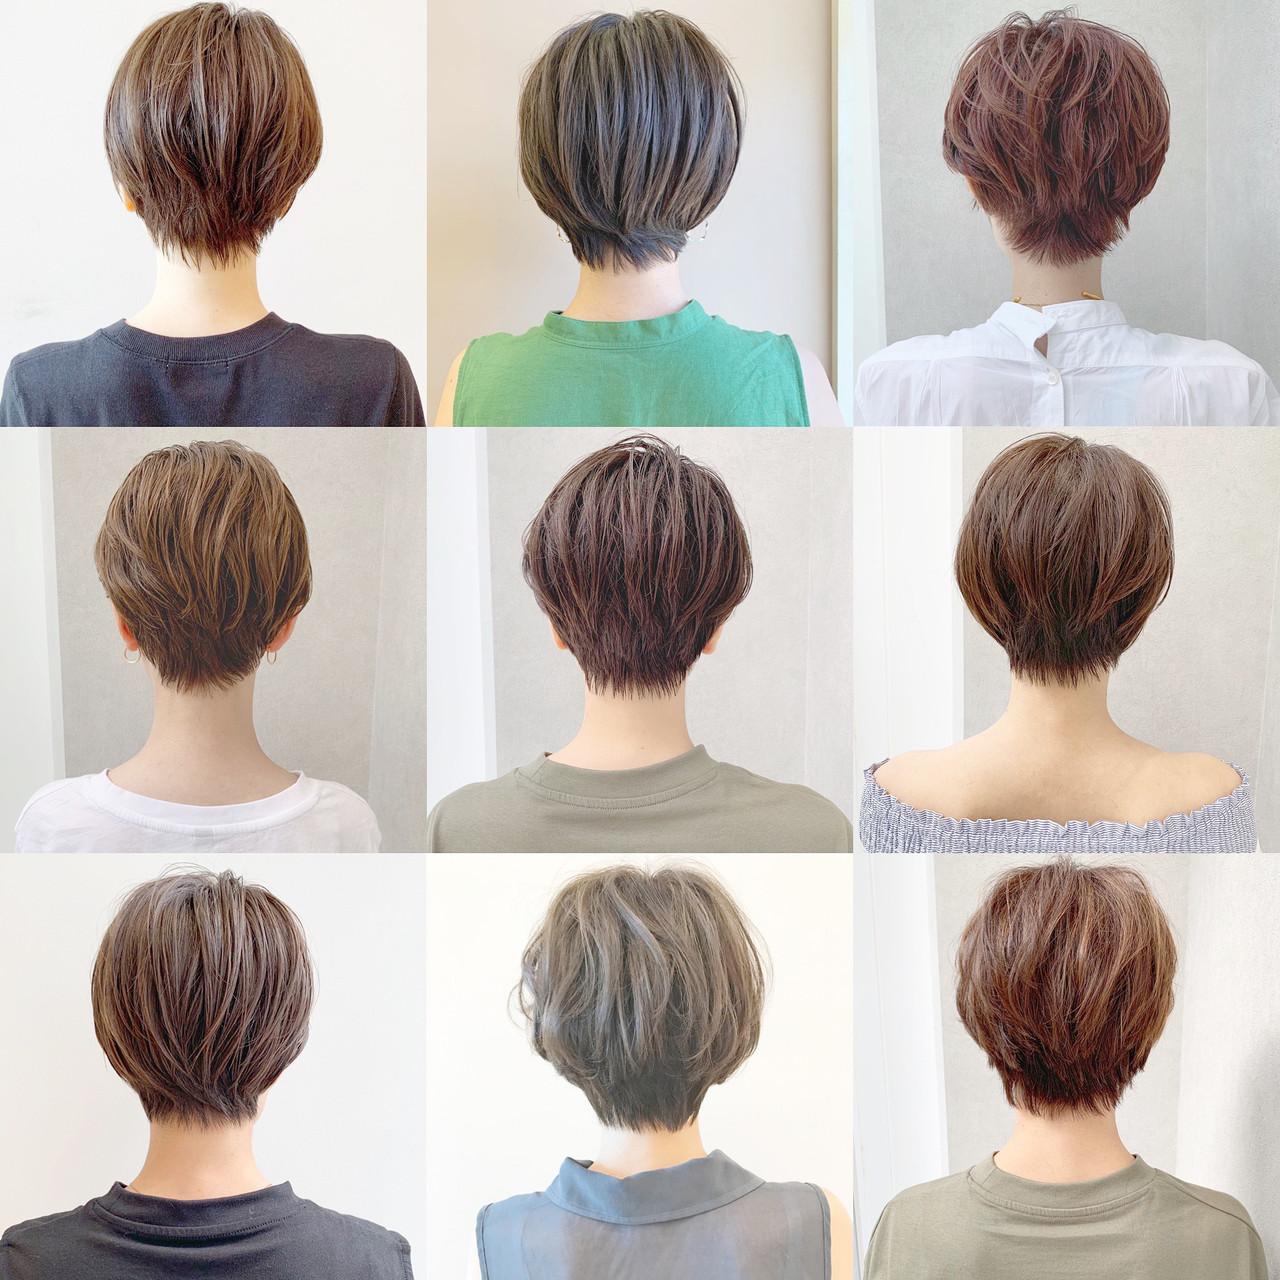 オフィス アウトドア パーマ ナチュラル ヘアスタイルや髪型の写真・画像 | ショートヘア美容師 #ナカイヒロキ / 『send by HAIR』